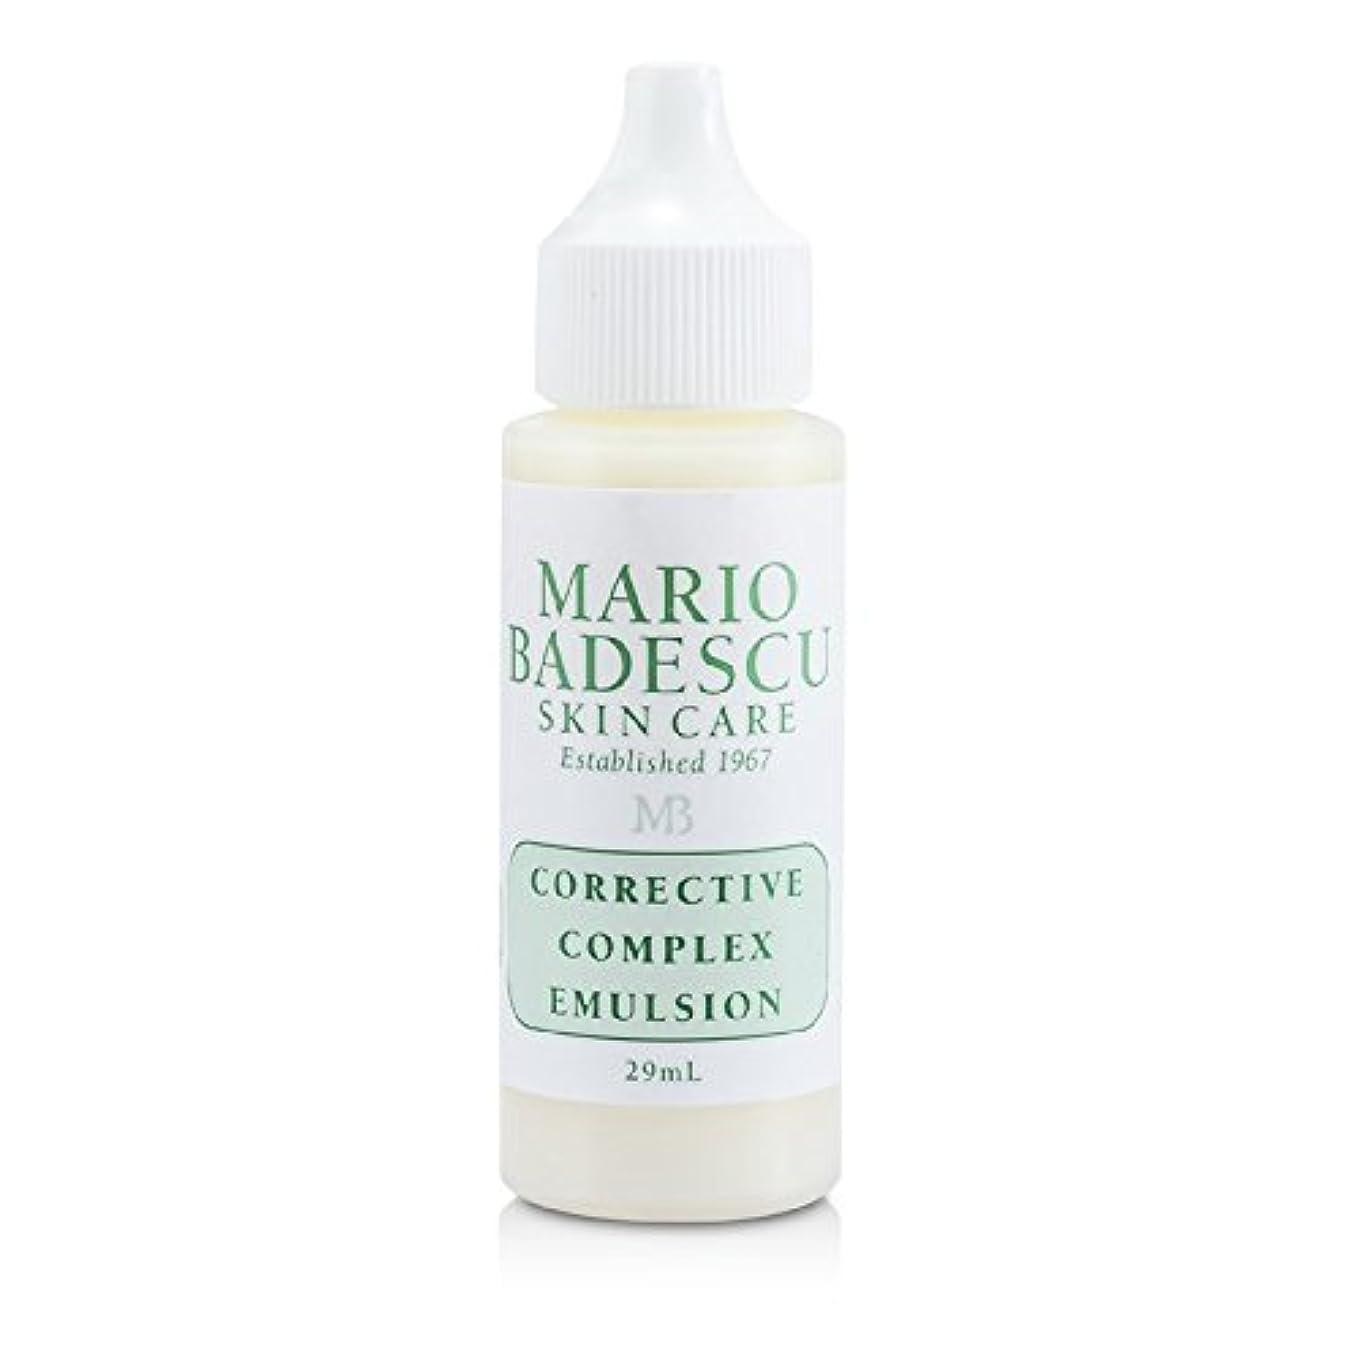 肉なだめる仮装マリオ バデスク コレクティブ コンプレックス エマルジョン 29ml/1oz並行輸入品